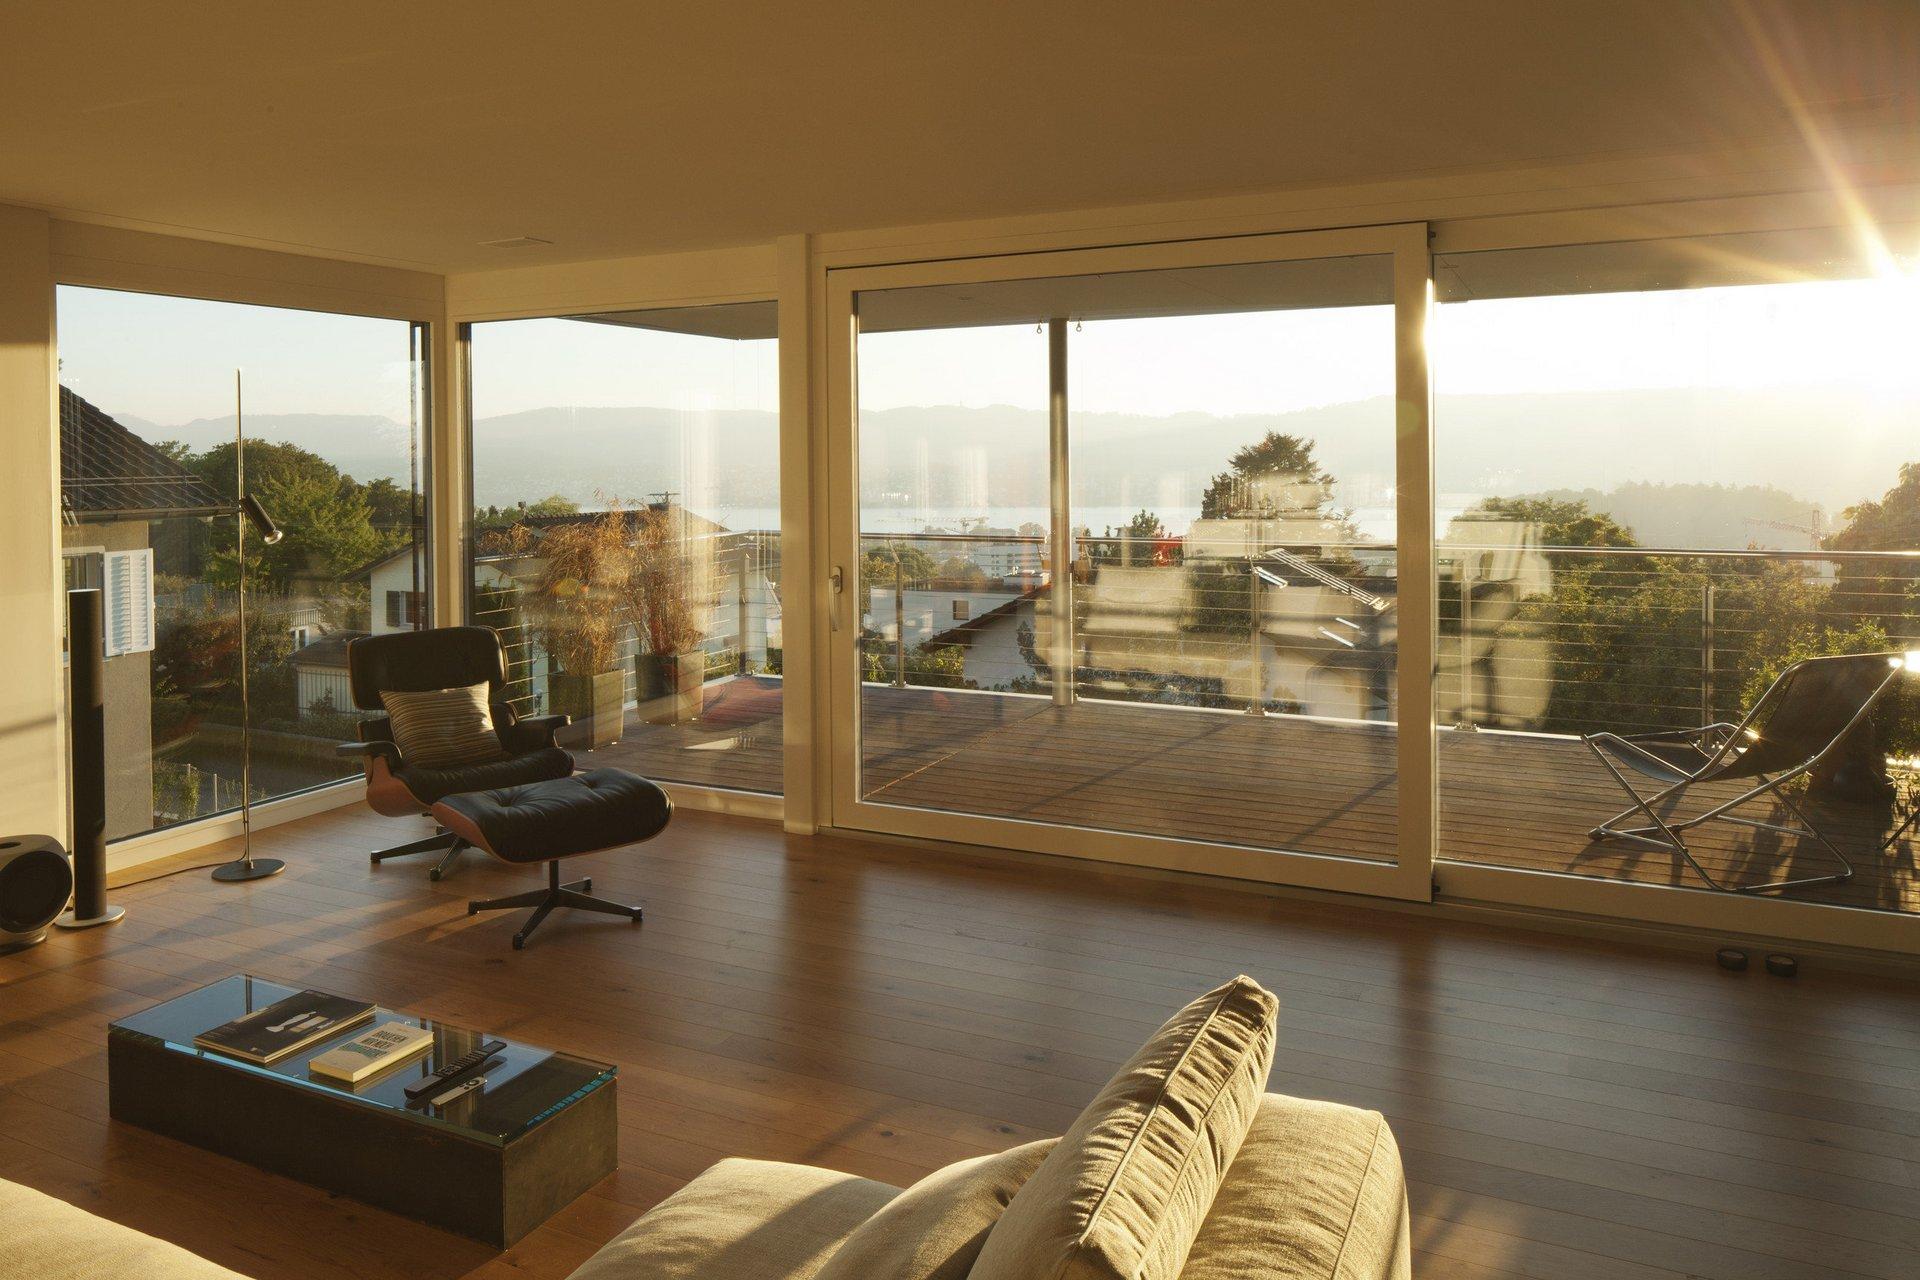 Wohnung mit raumhoher Fensterfront über Ecke mit Sicht auf Balkon